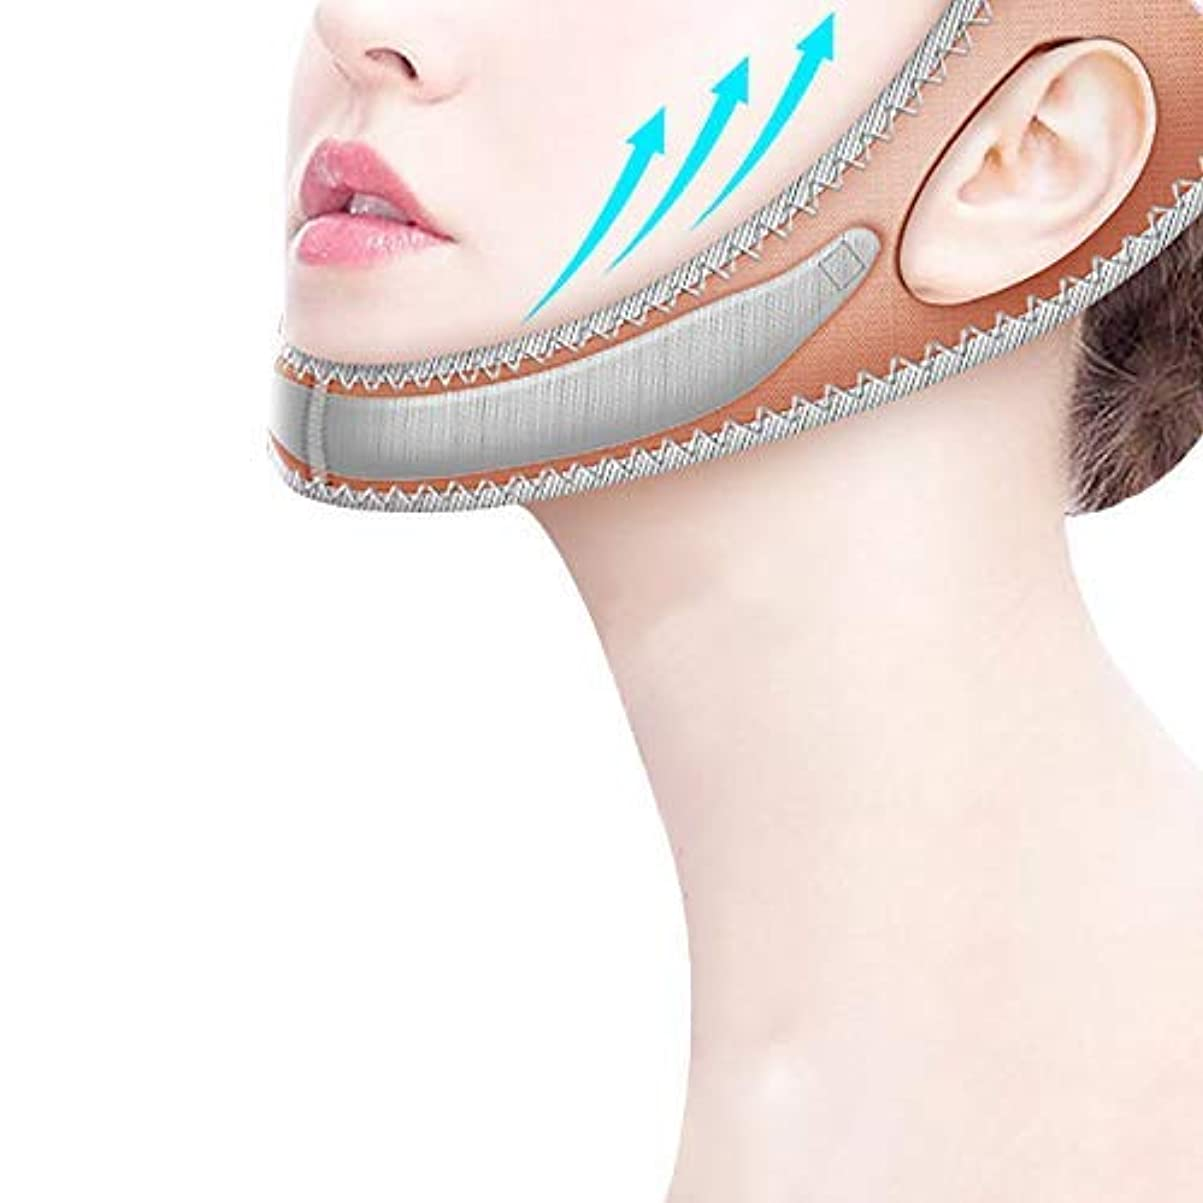 パトロール絶妙電極二重あごのプラスチック顔のアーティファクトの器械の美顔術のマッサージャーの近くで持ち上がる小さいVの表面の器械の包帯のマスクとの睡眠